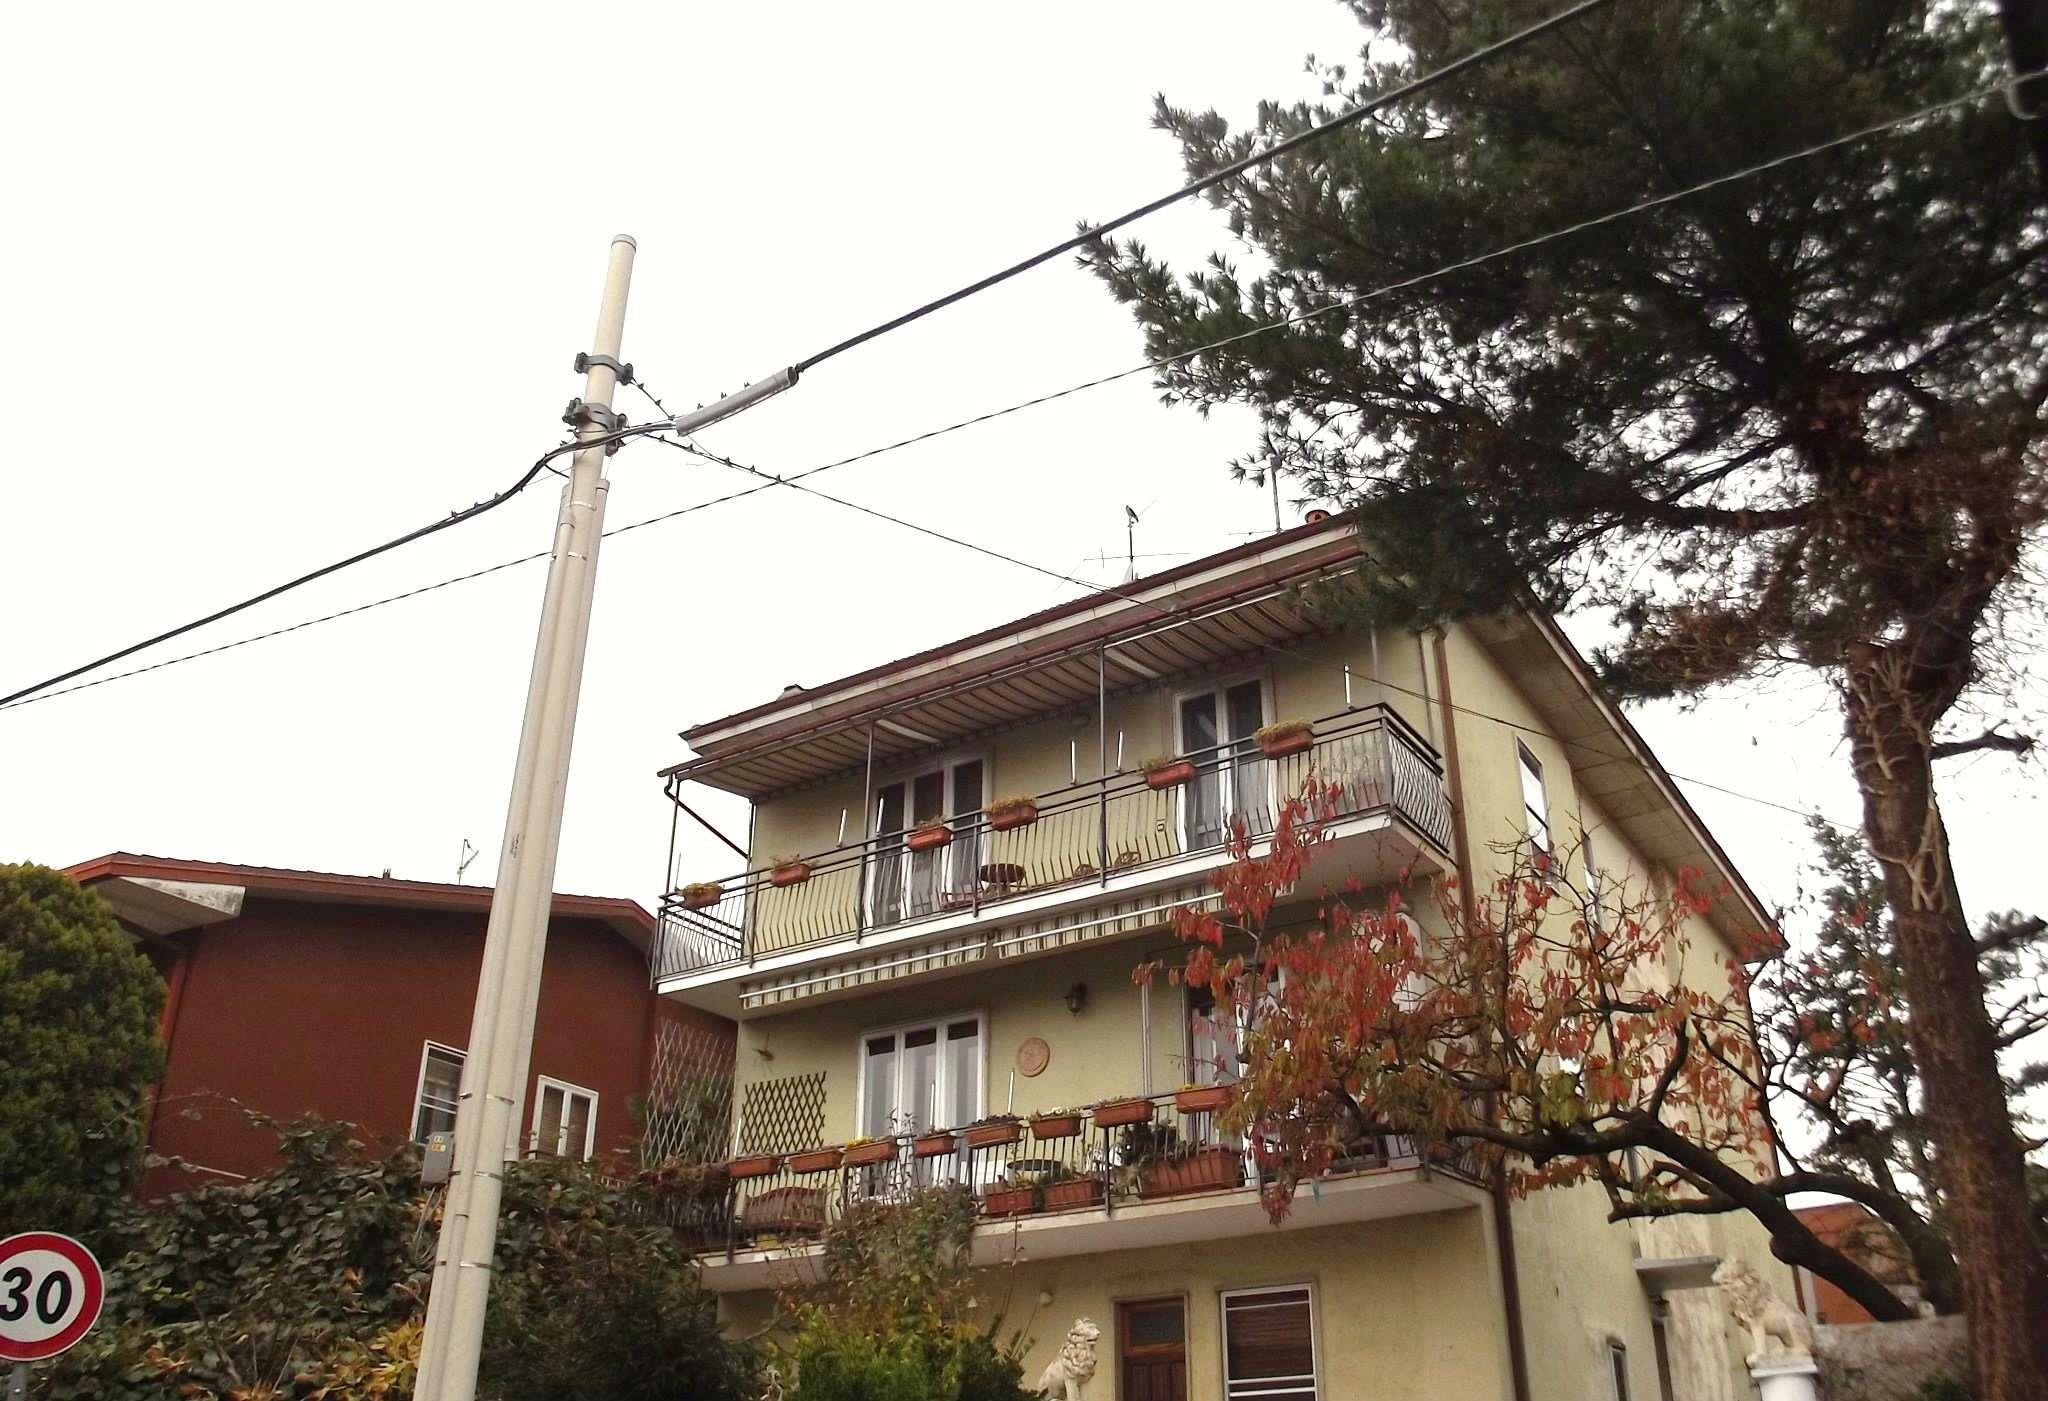 Appartamento in vendita a Induno Olona, 4 locali, prezzo € 160.000 | CambioCasa.it